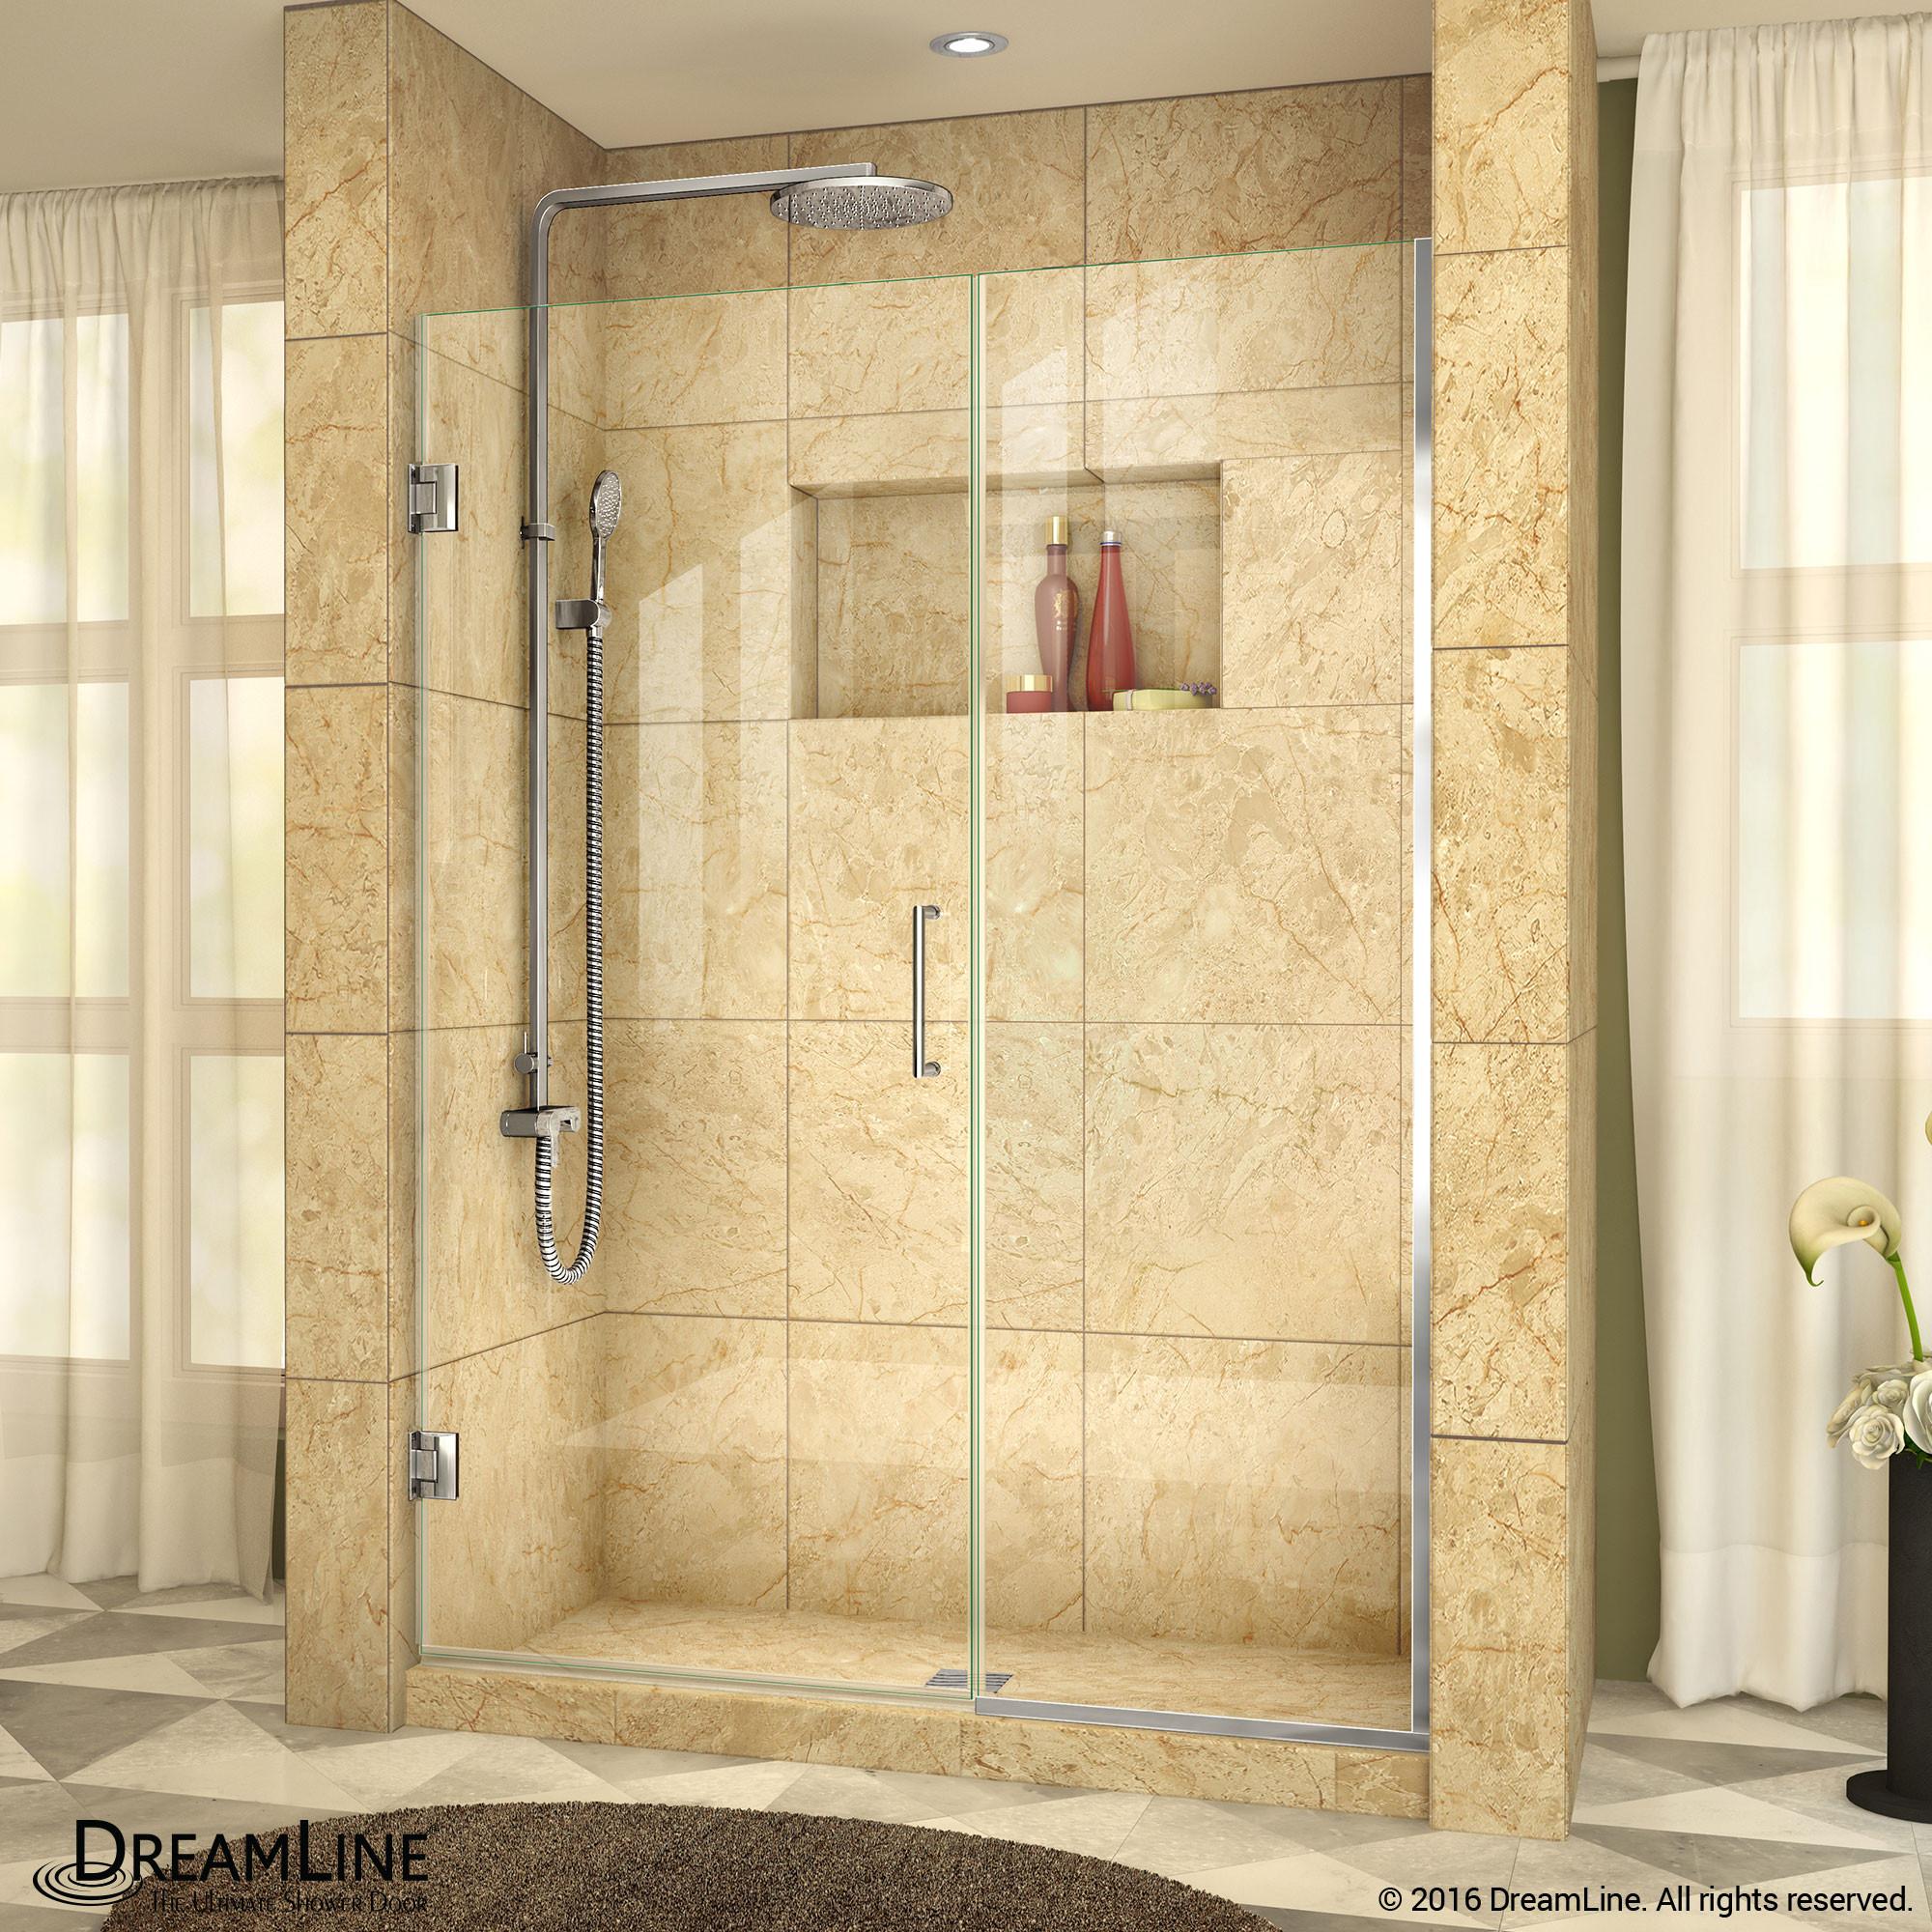 DreamLine SHDR-245457210-01 Unidoor Plus Hinged Shower Door in Chrome Hardware